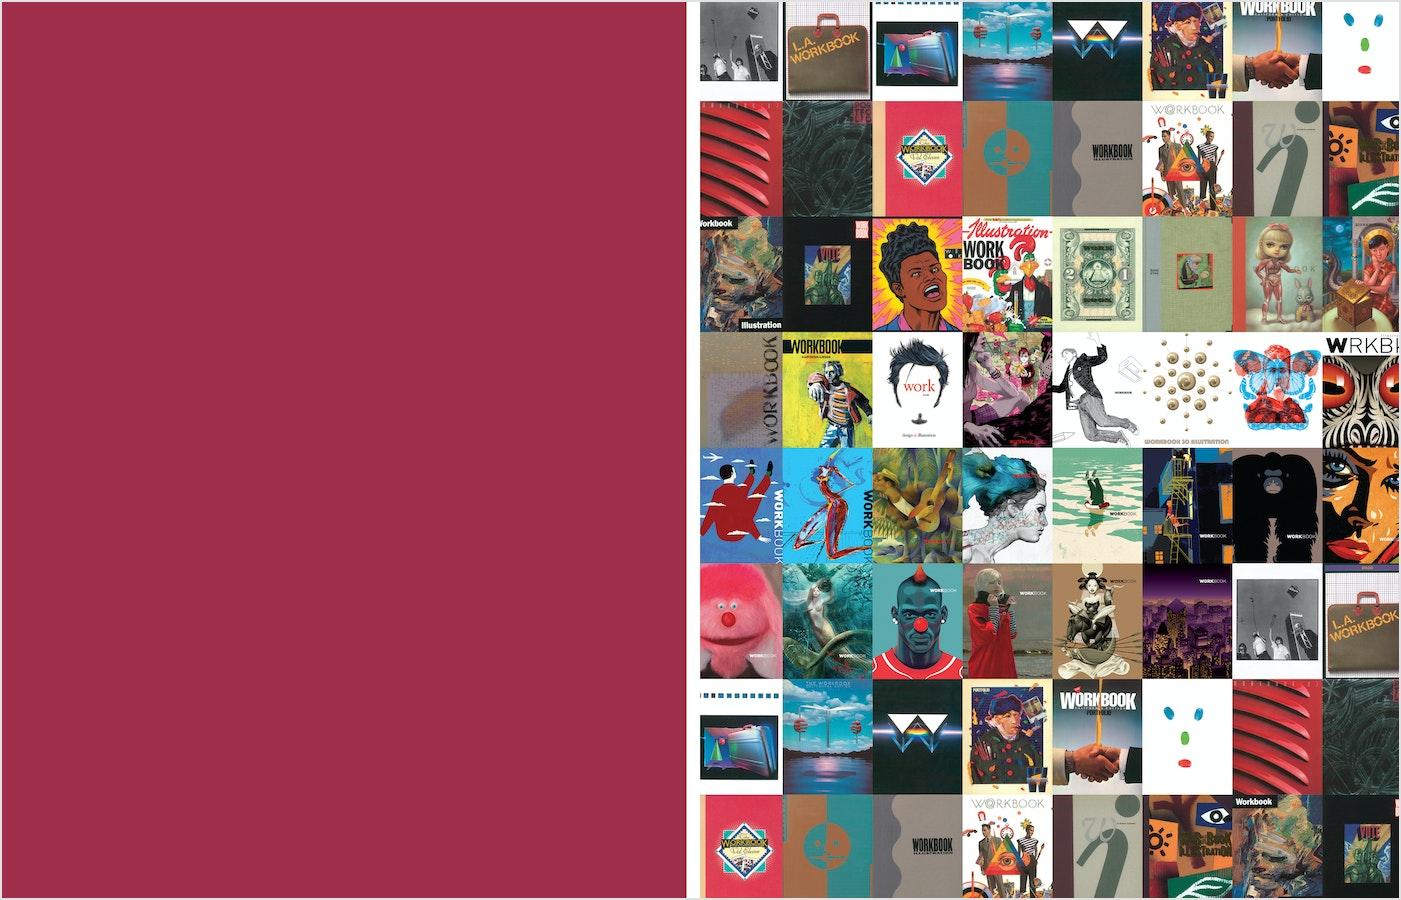 Workbooks workbook com : Workbook Illustration 40 Spring | Workbook.com